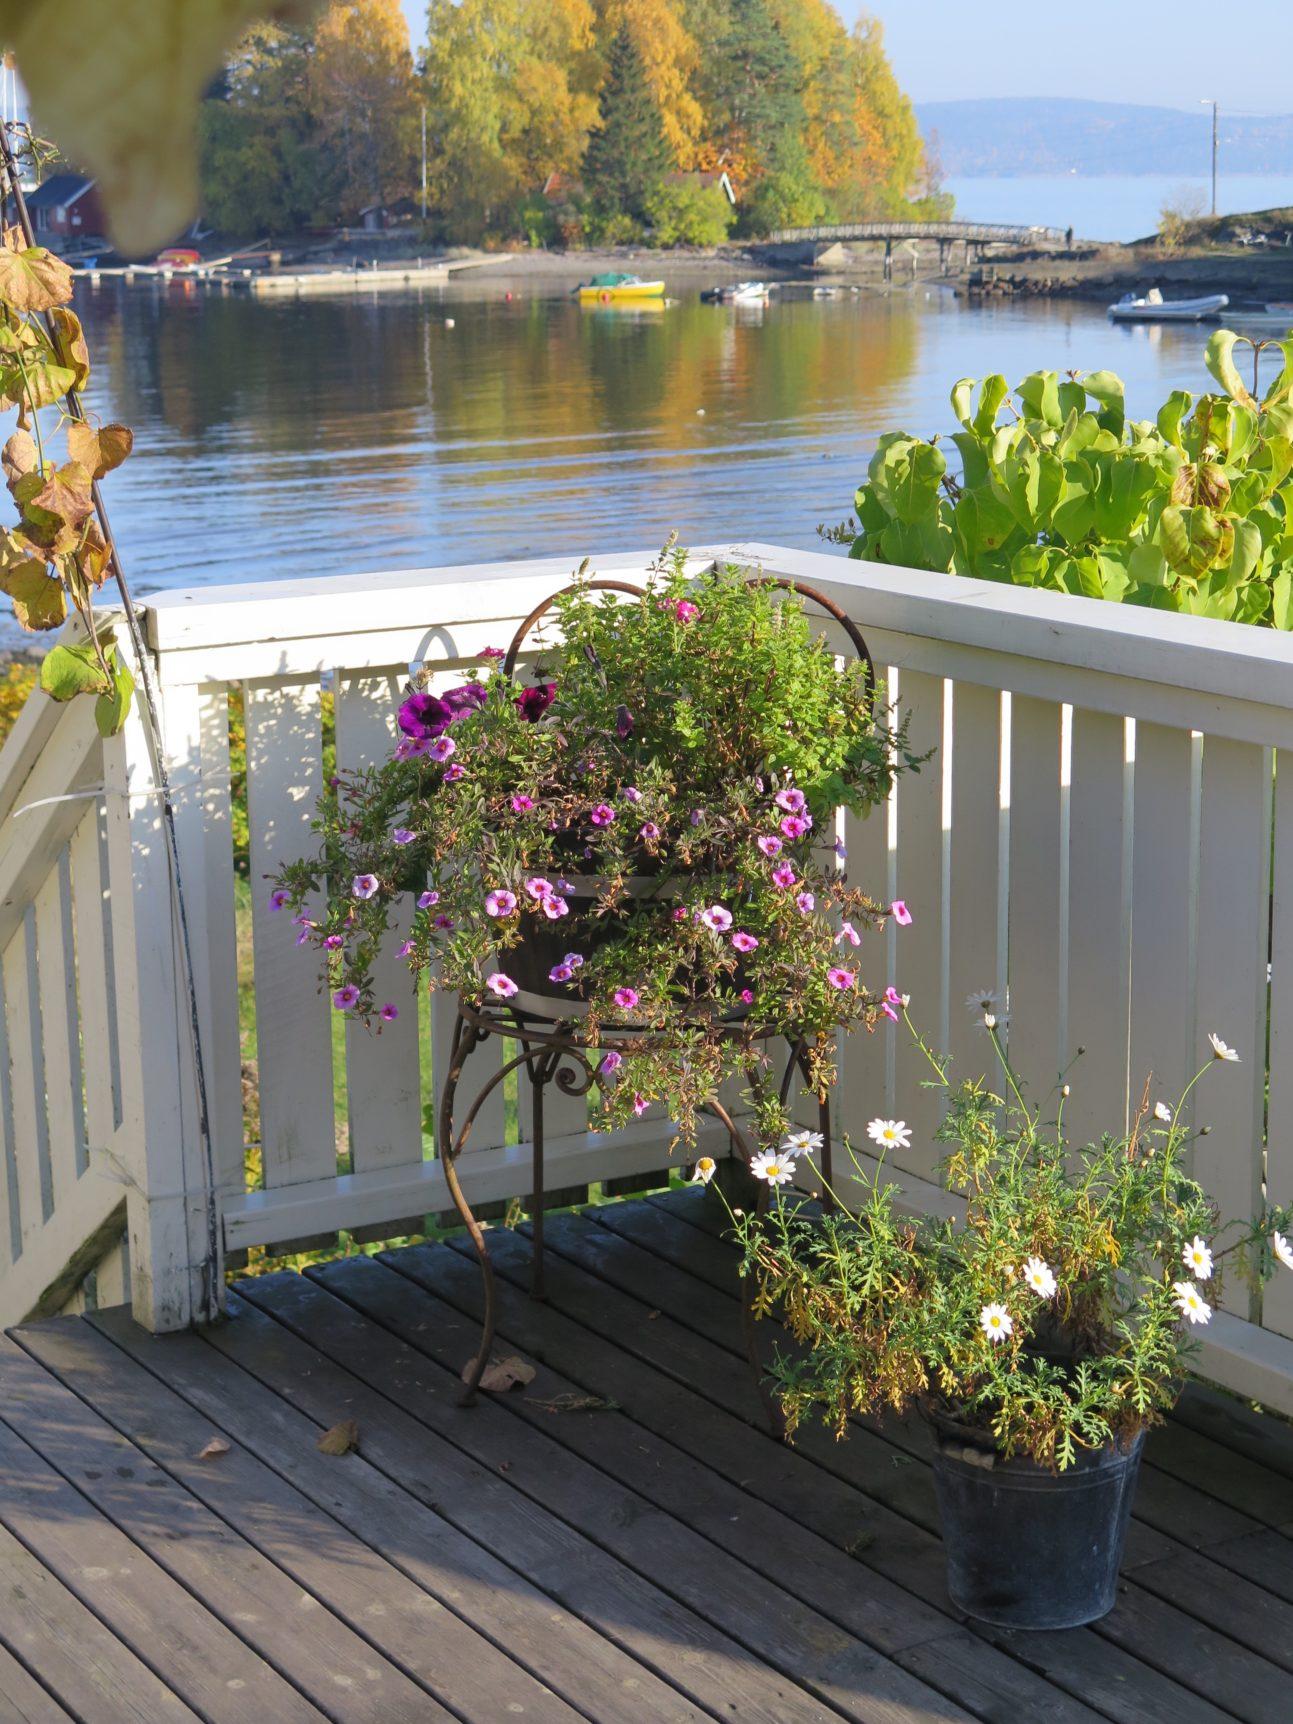 Blomstene lever fortsatt på verandaen her i slutten av oktober - om enn litt slitne ;.)